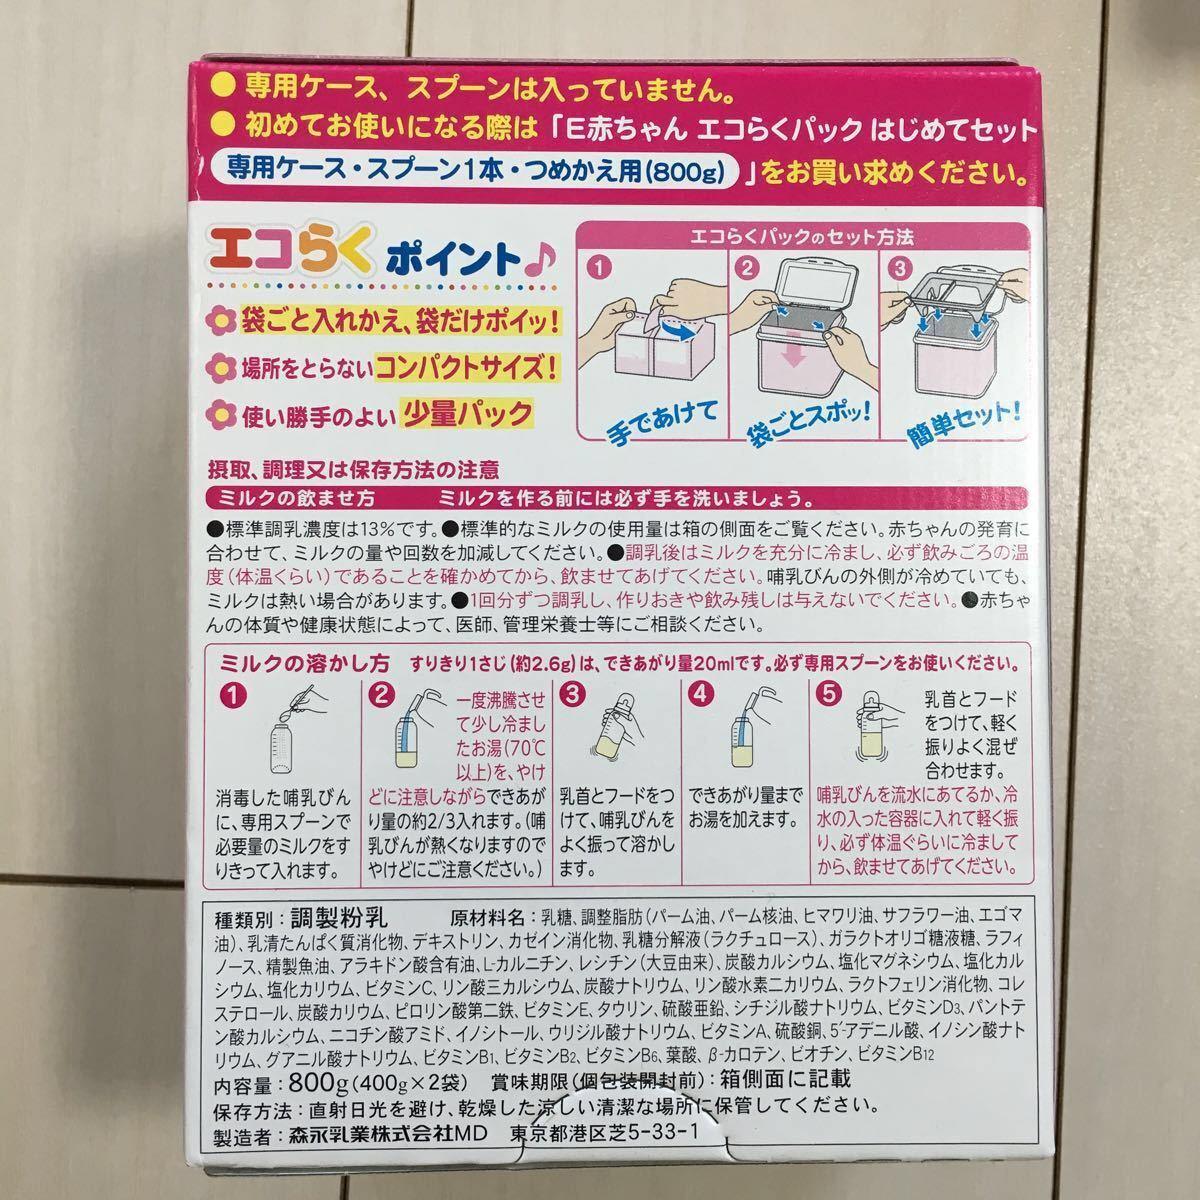 1パックおまけ付き森永 E赤ちゃん エコらくパック つめかえ 4個 はぐくみ_画像3